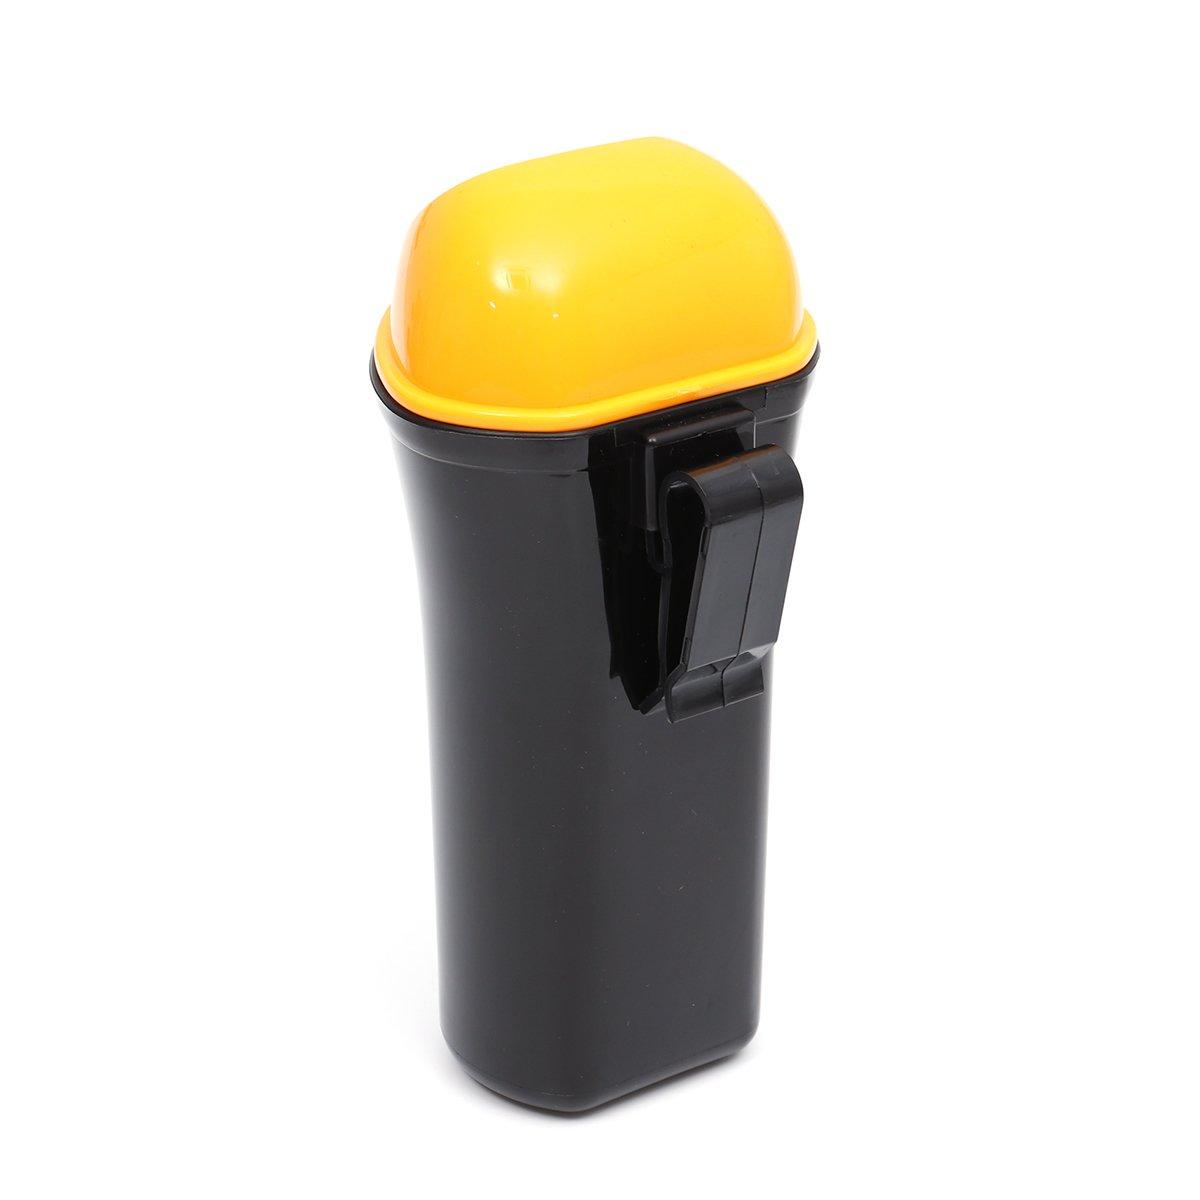 VORCOOL Mini Cubo de Basura de Coche Port/átil Prueba de Fugas Papelera Peque/ña de Veh/ículo con Gancho Amarillo